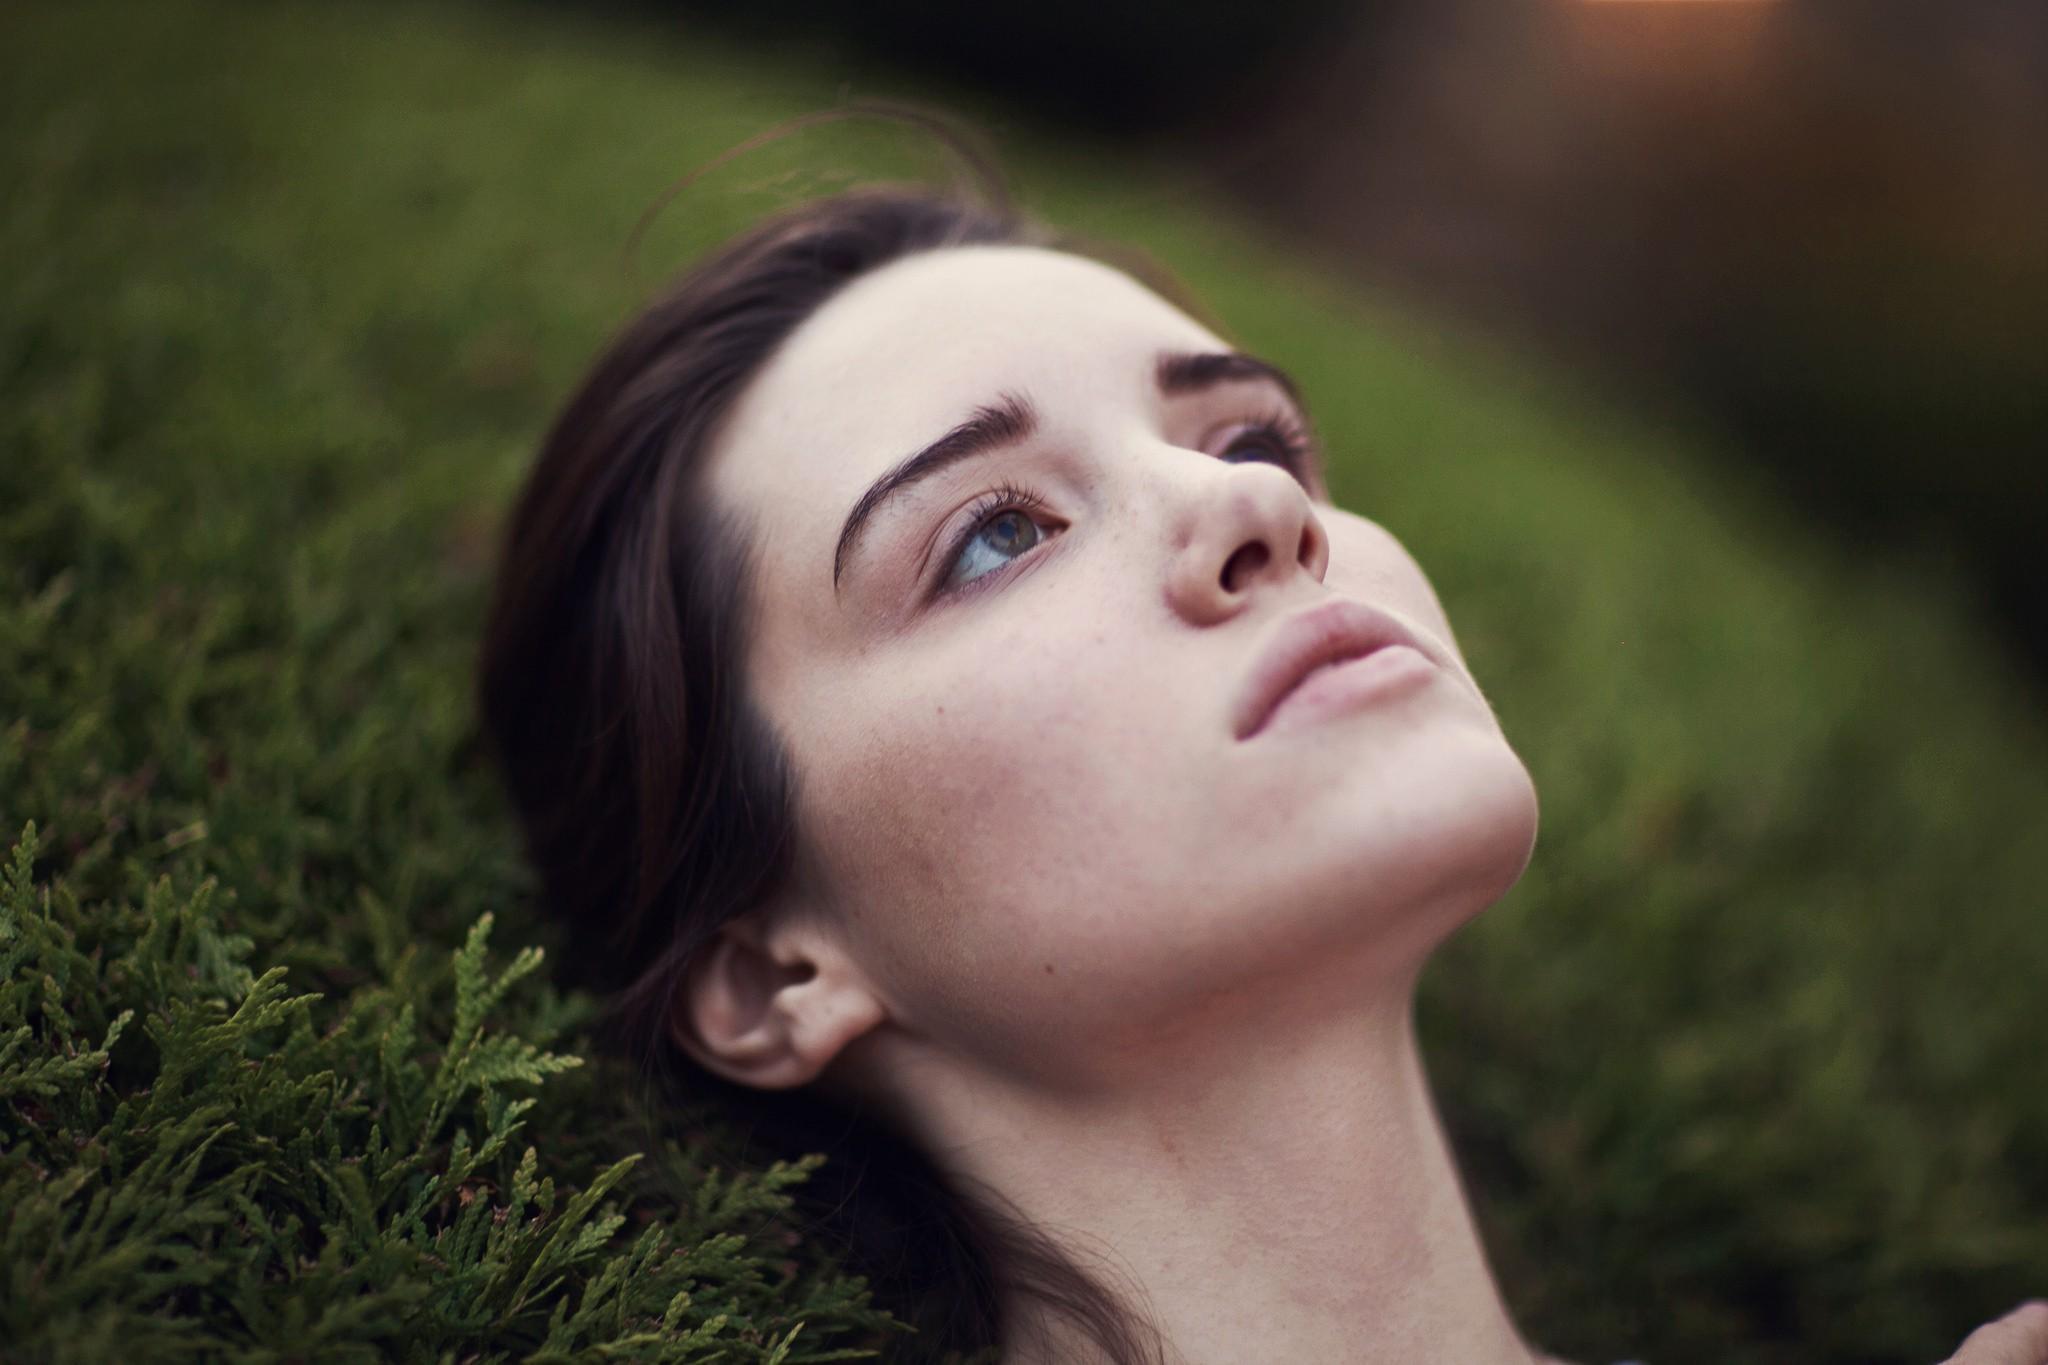 Wallpaper : face, sunlight, women outdoors, model ...